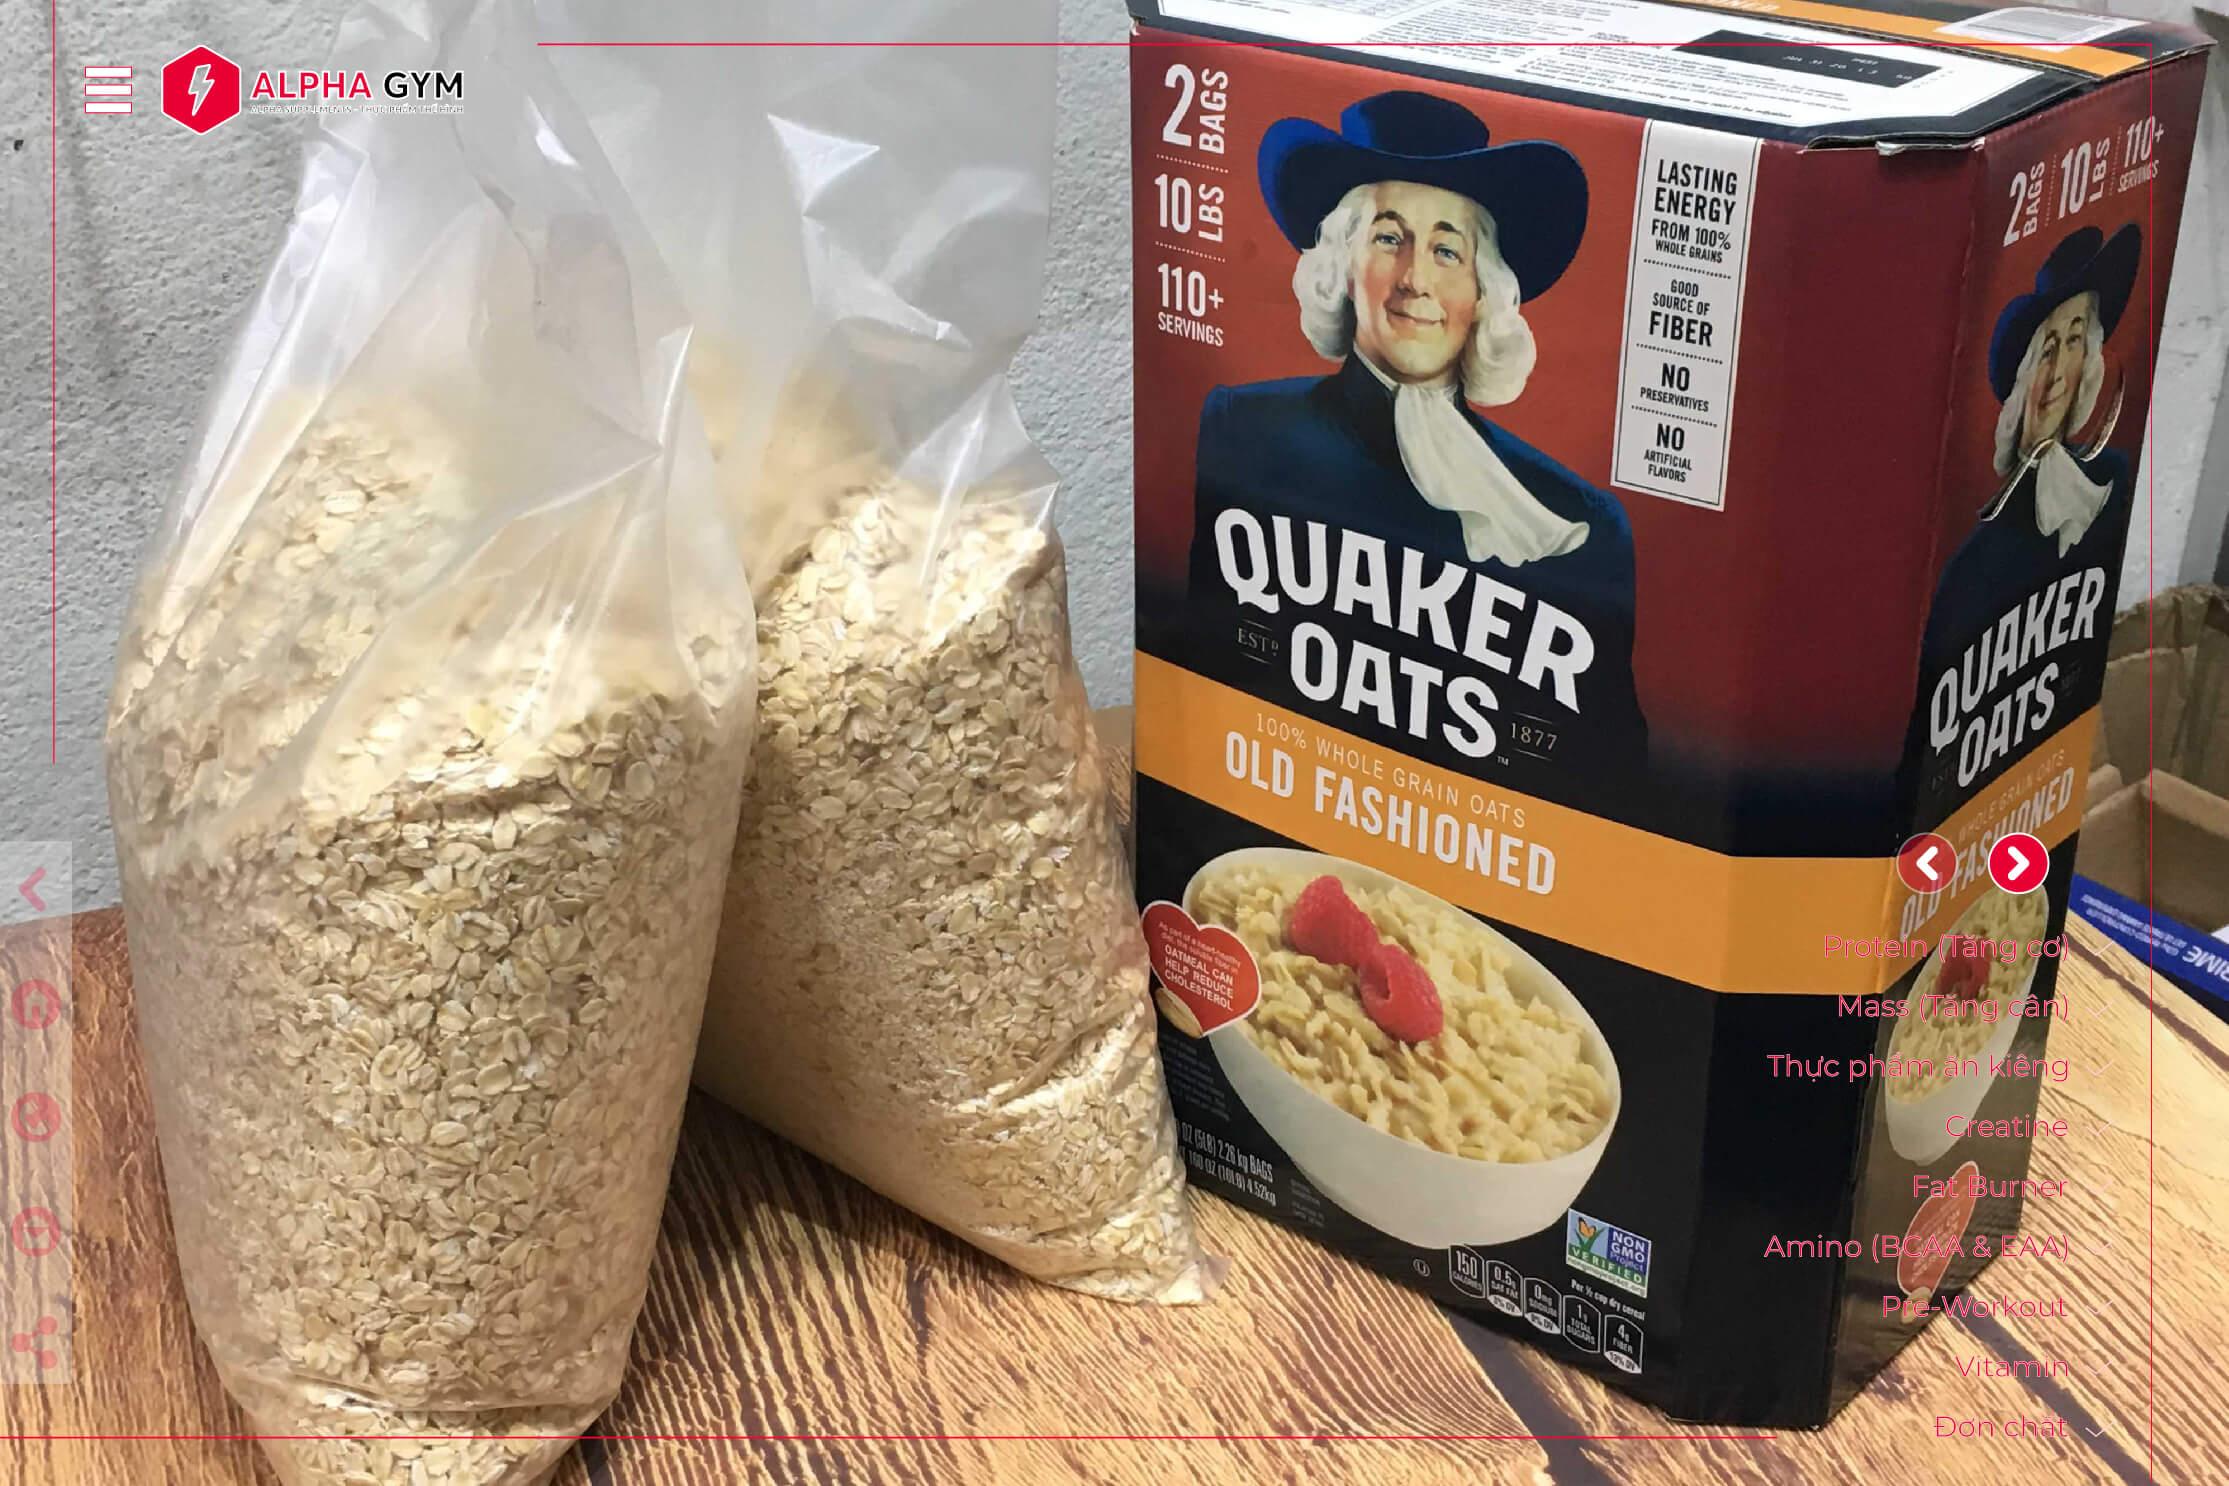 Quaker-Oats-100%-Whole-Grains-Oats-10-LBS-thuc-pham-the-hinh-nha-trang